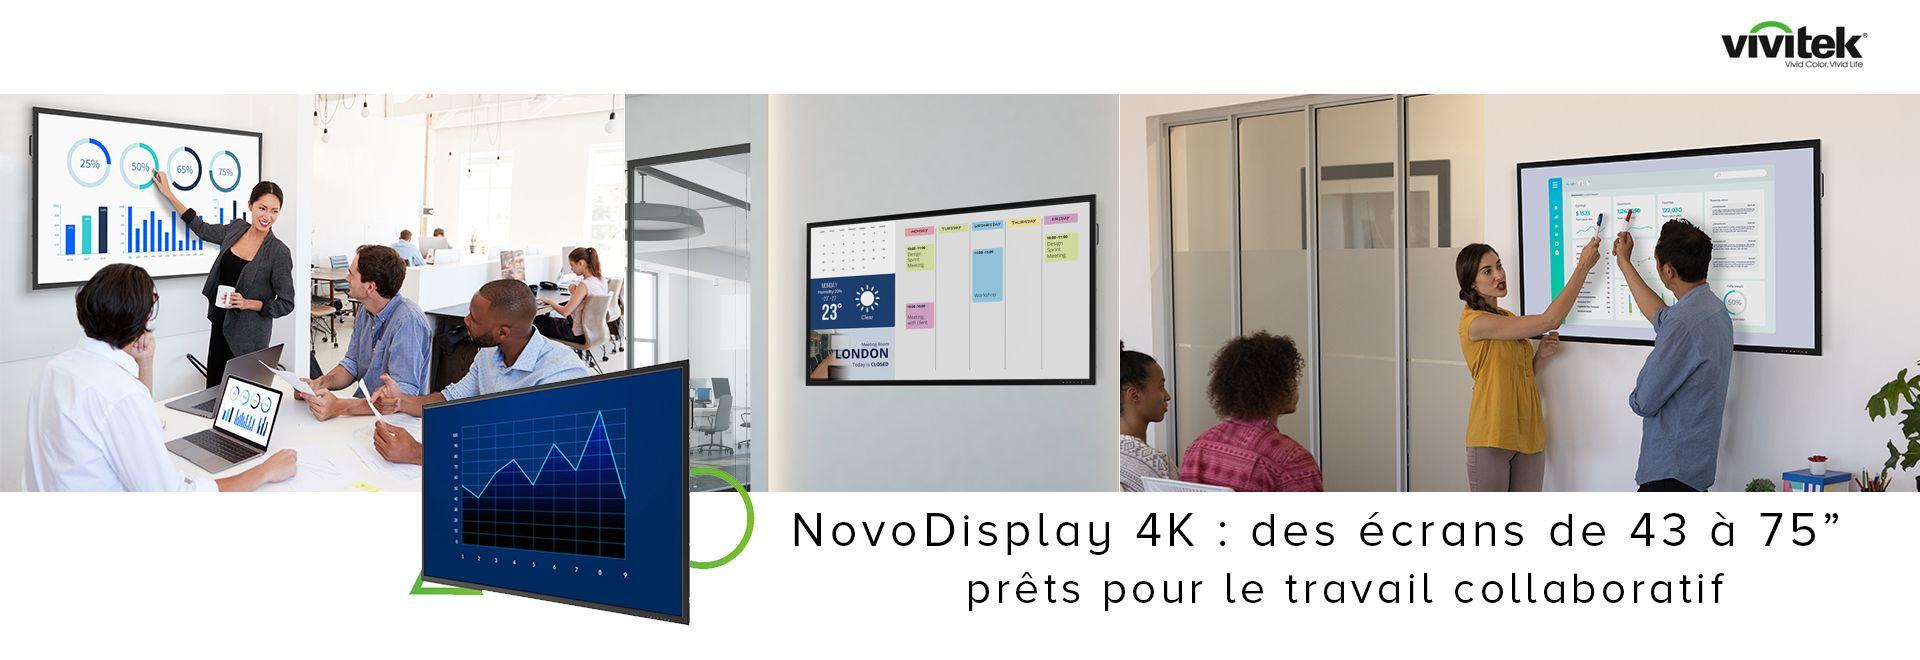 NovoDisplay 4K : des écrans de 43 à 75″ prêts pour le travail collaboratif